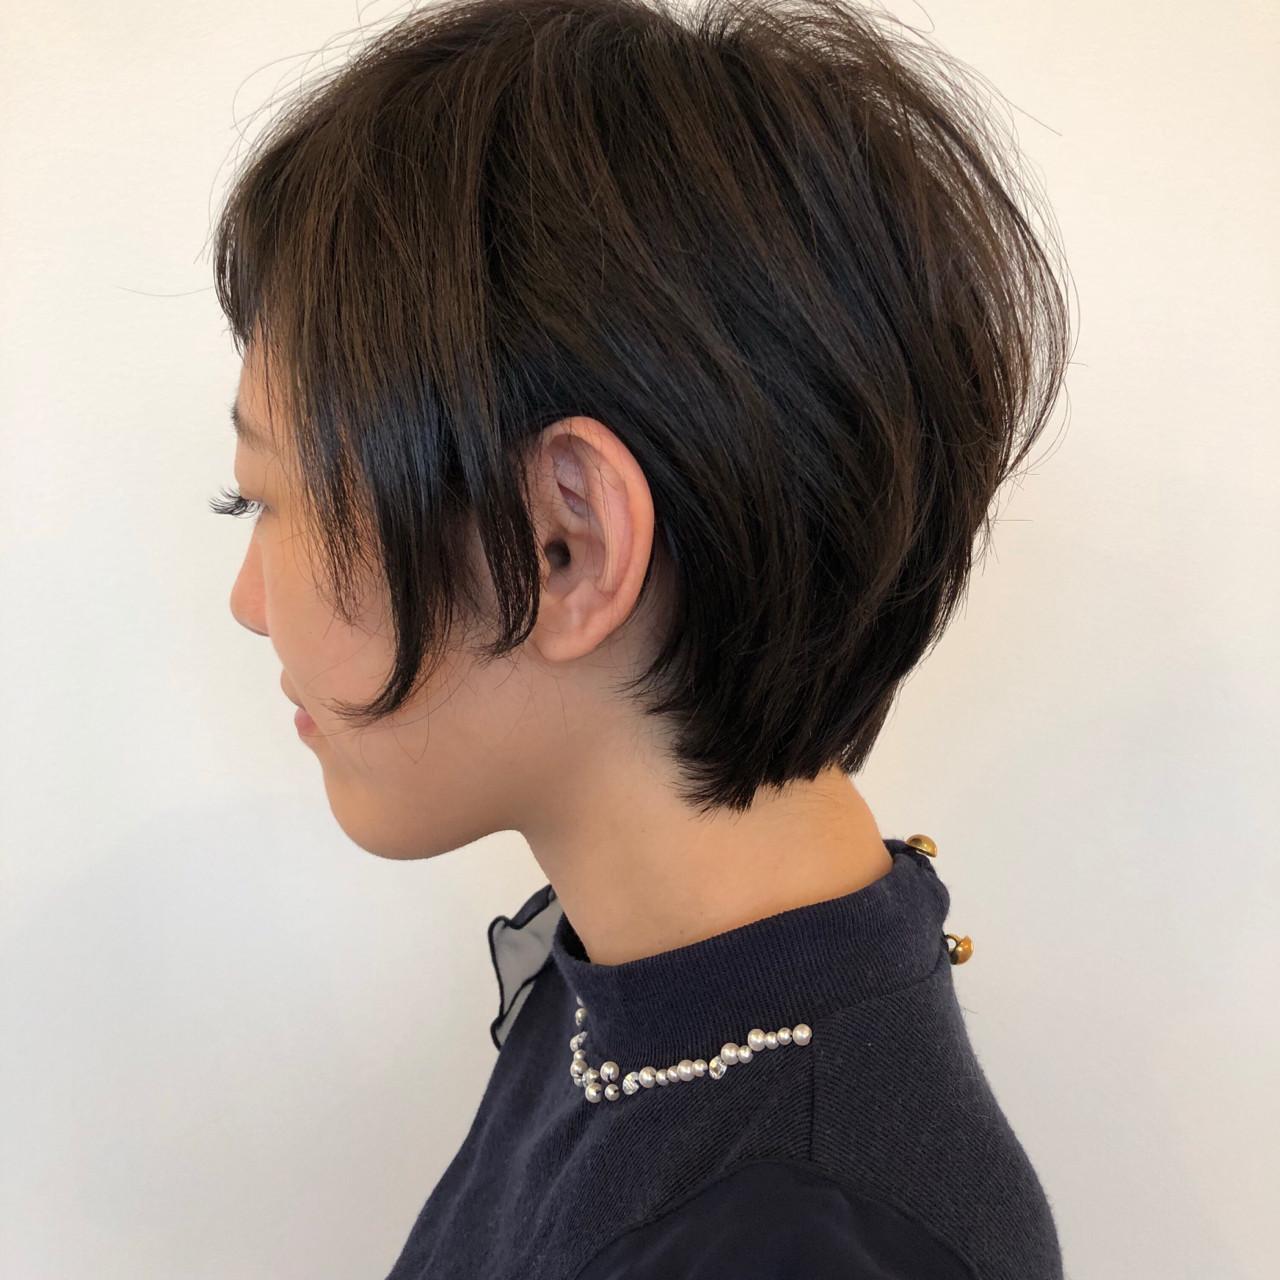 黒髪×耳かけは大人っぽく清楚な印象に♪ ナカヤマアツヒト | hair produced by LouLou